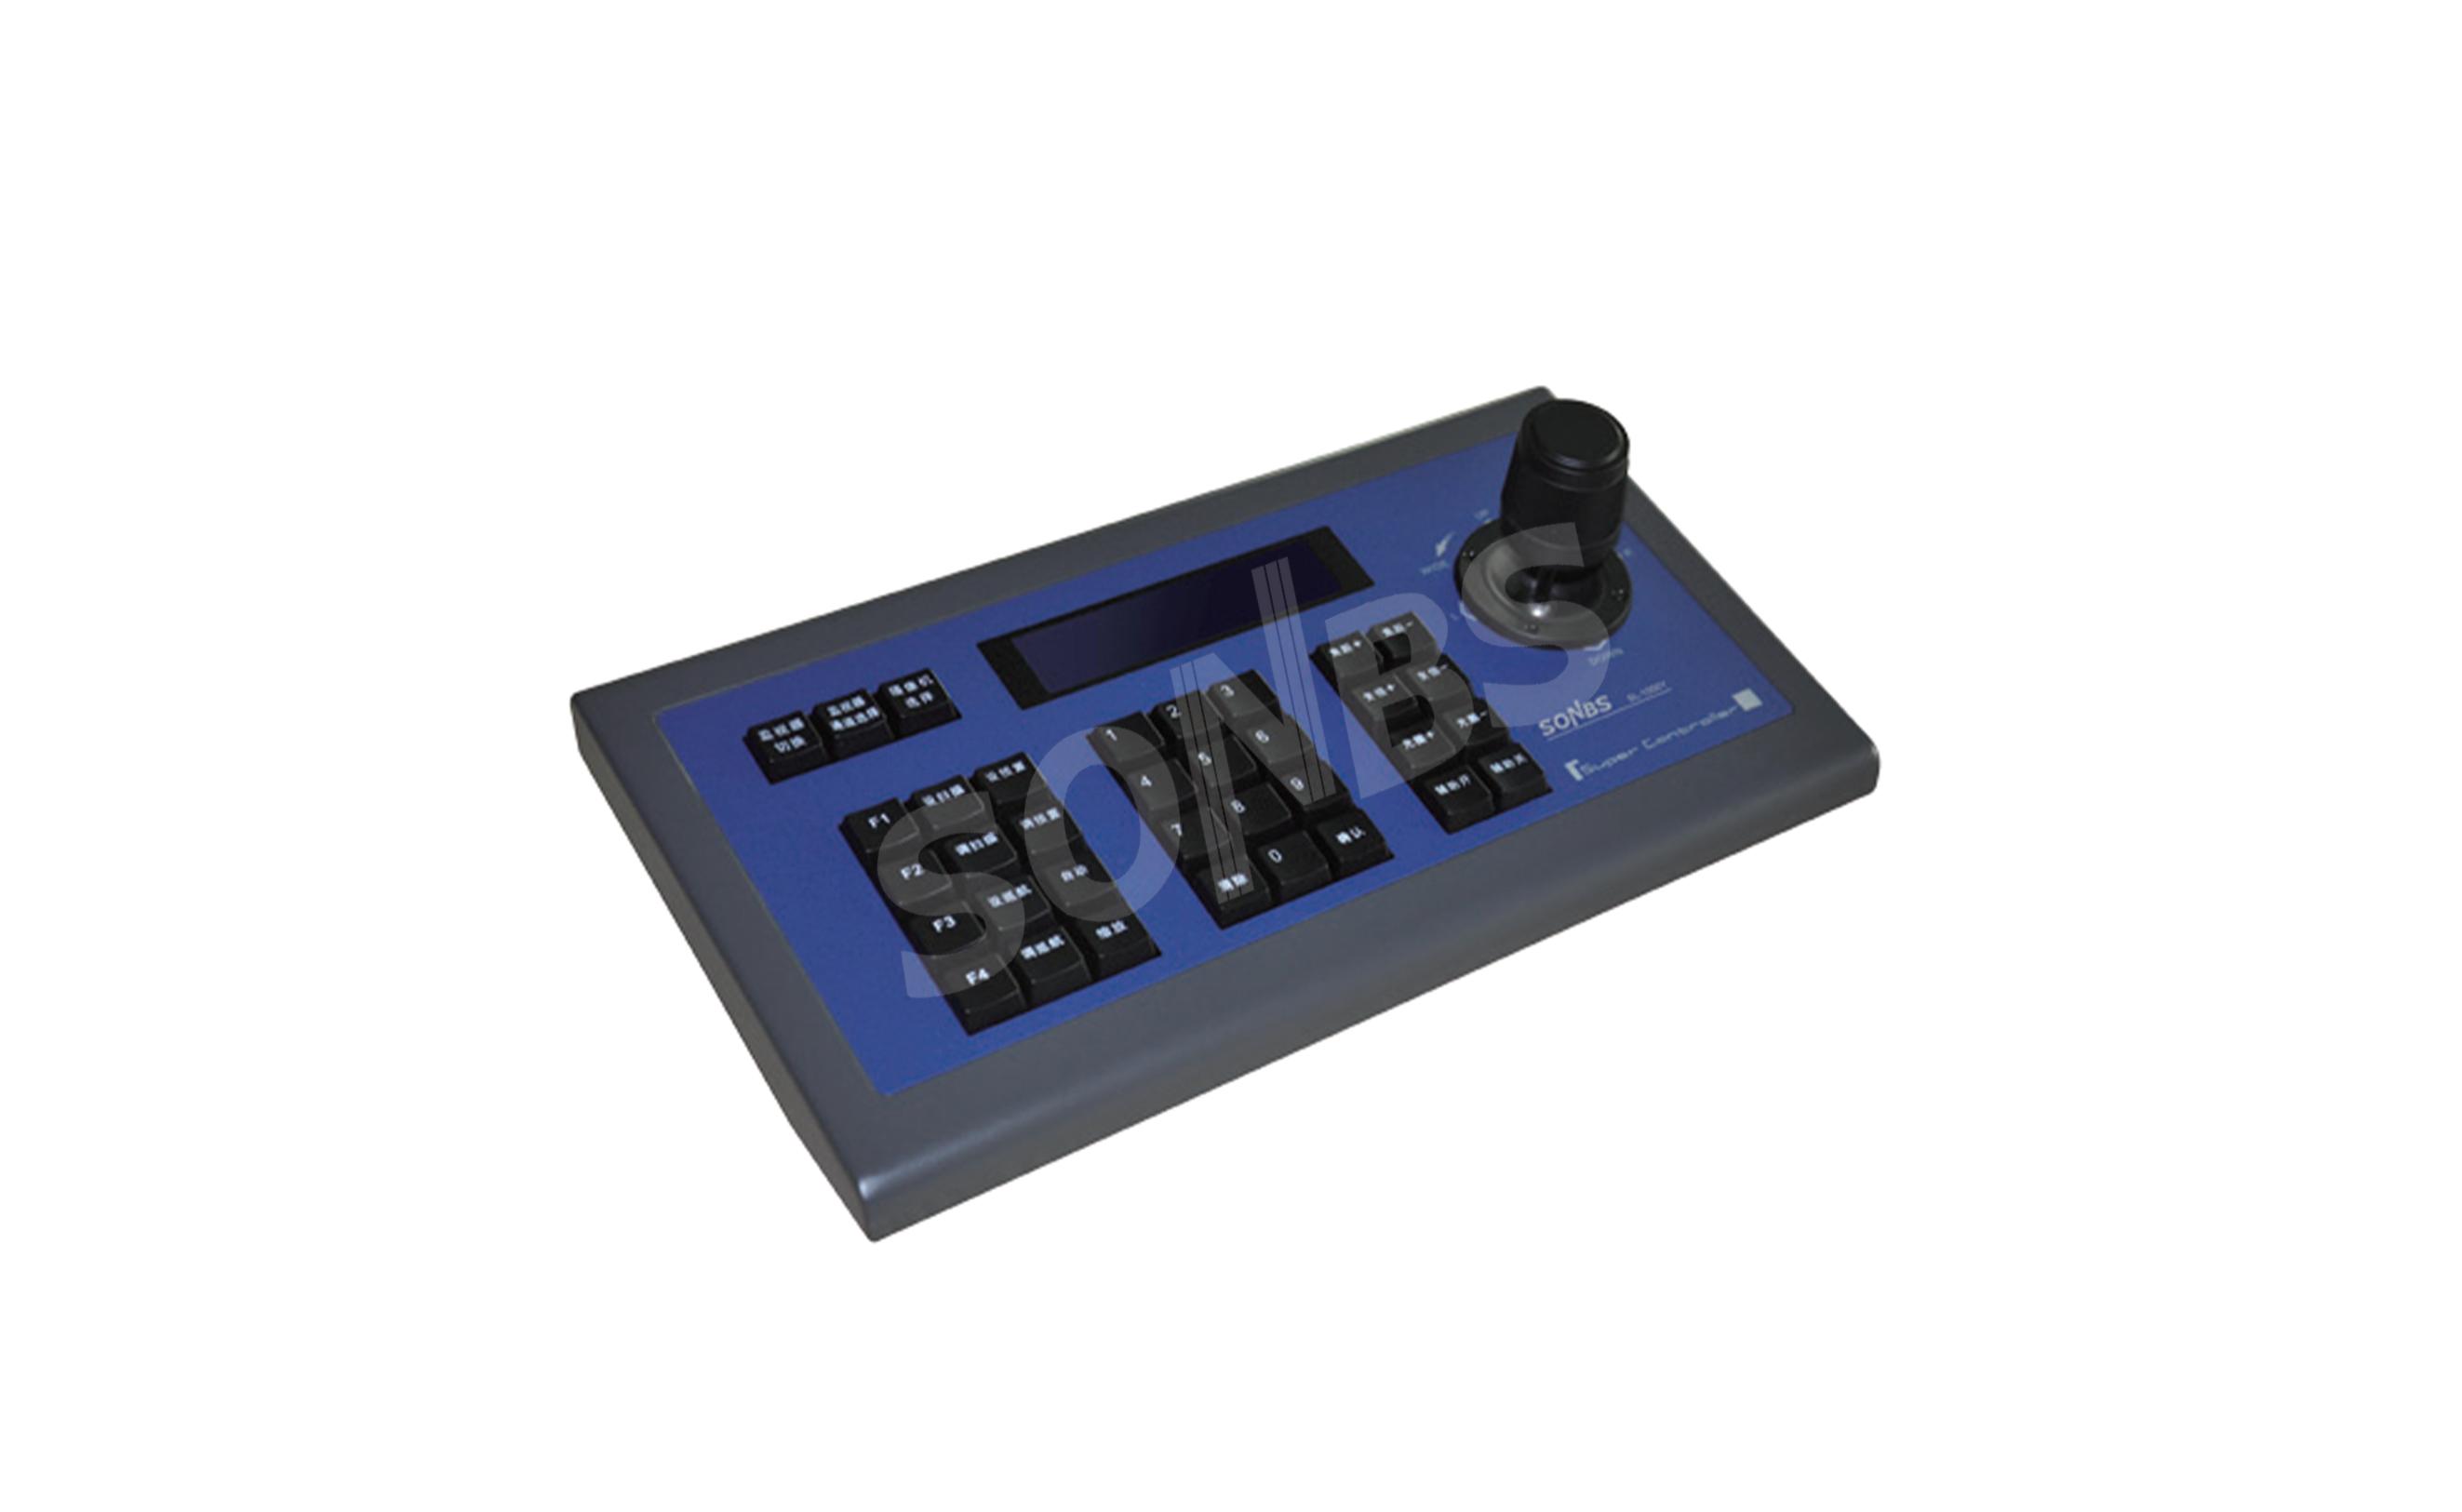 摄像机摇杆键盘